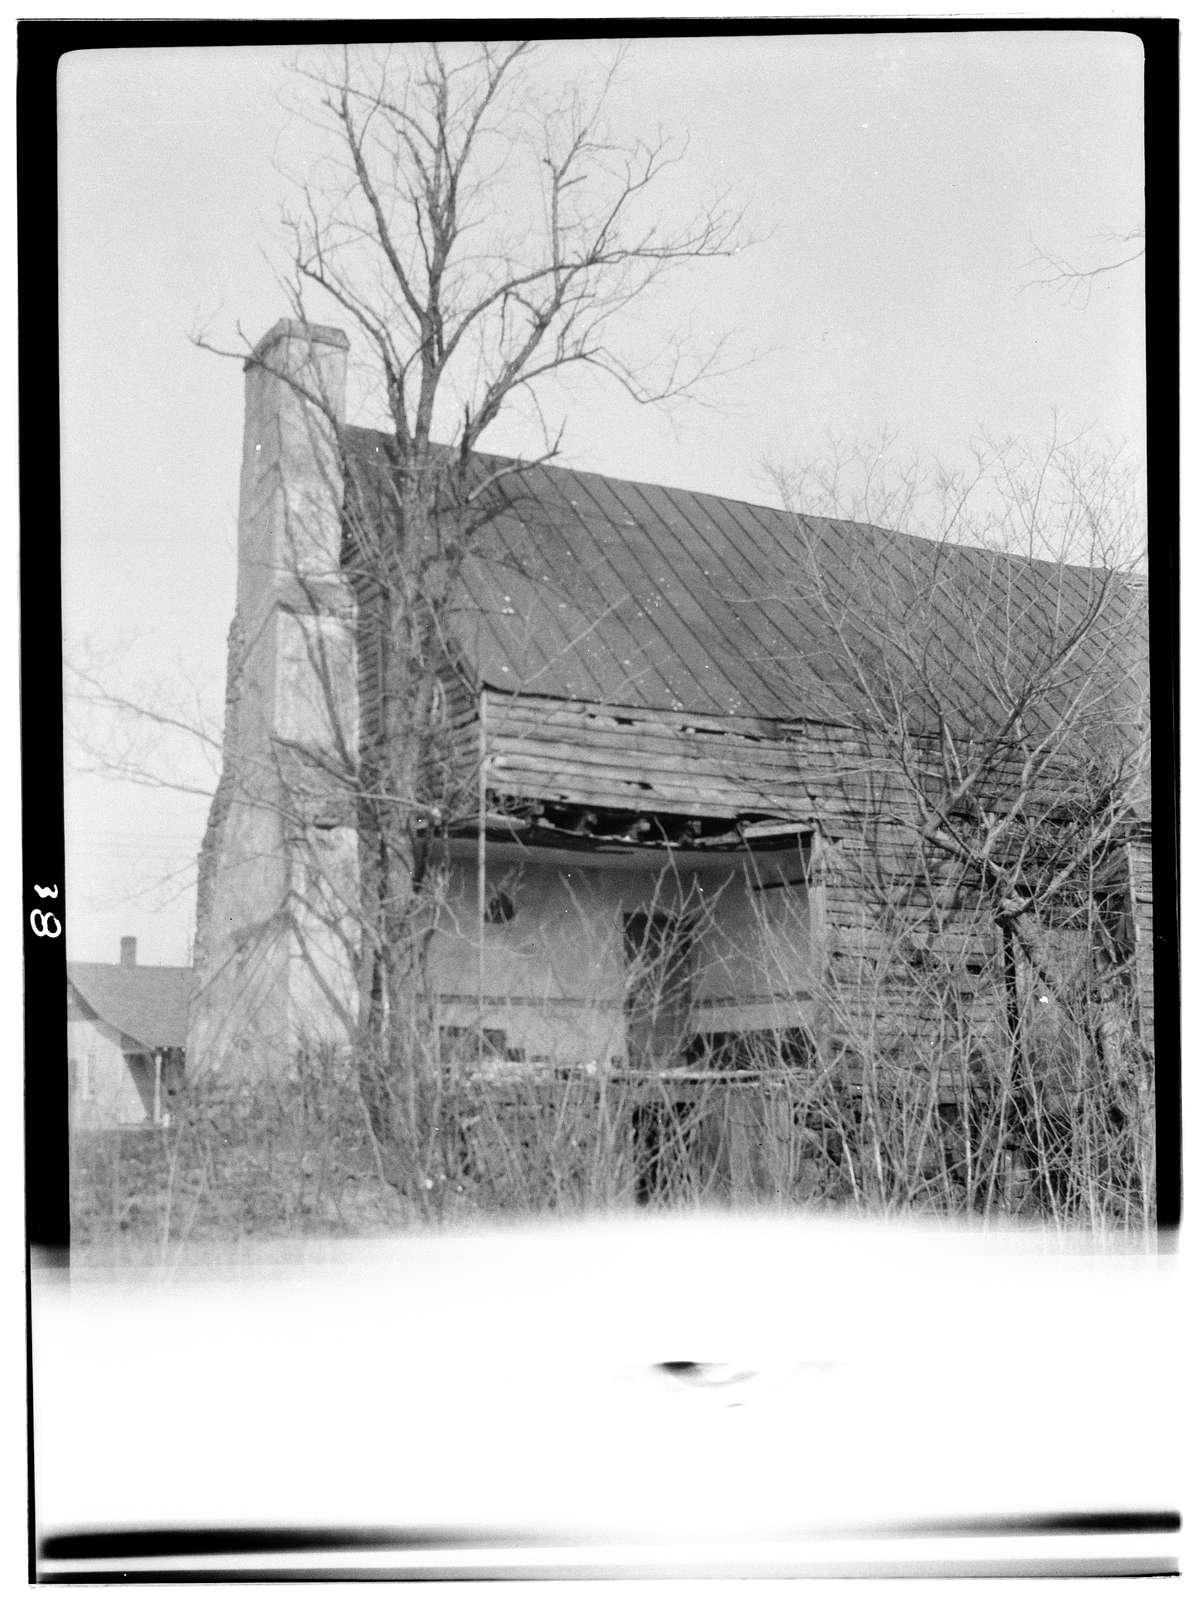 Newgate Tavern, Centreville, Fairfax County, VA